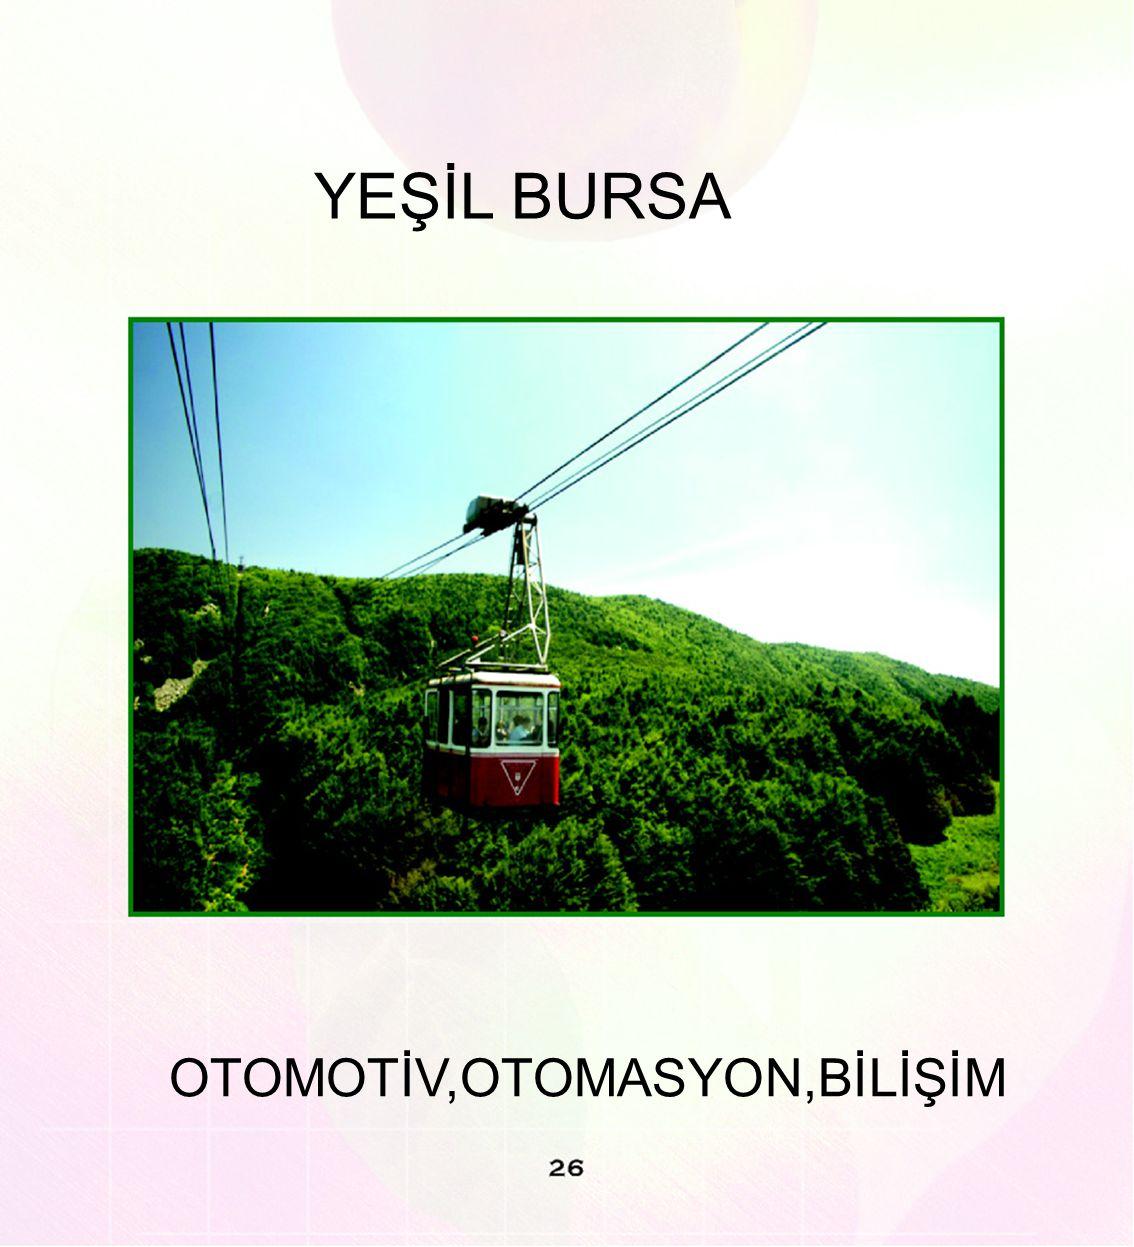 YEŞİL BURSA OTOMOTİV,OTOMASYON,BİLİŞİM